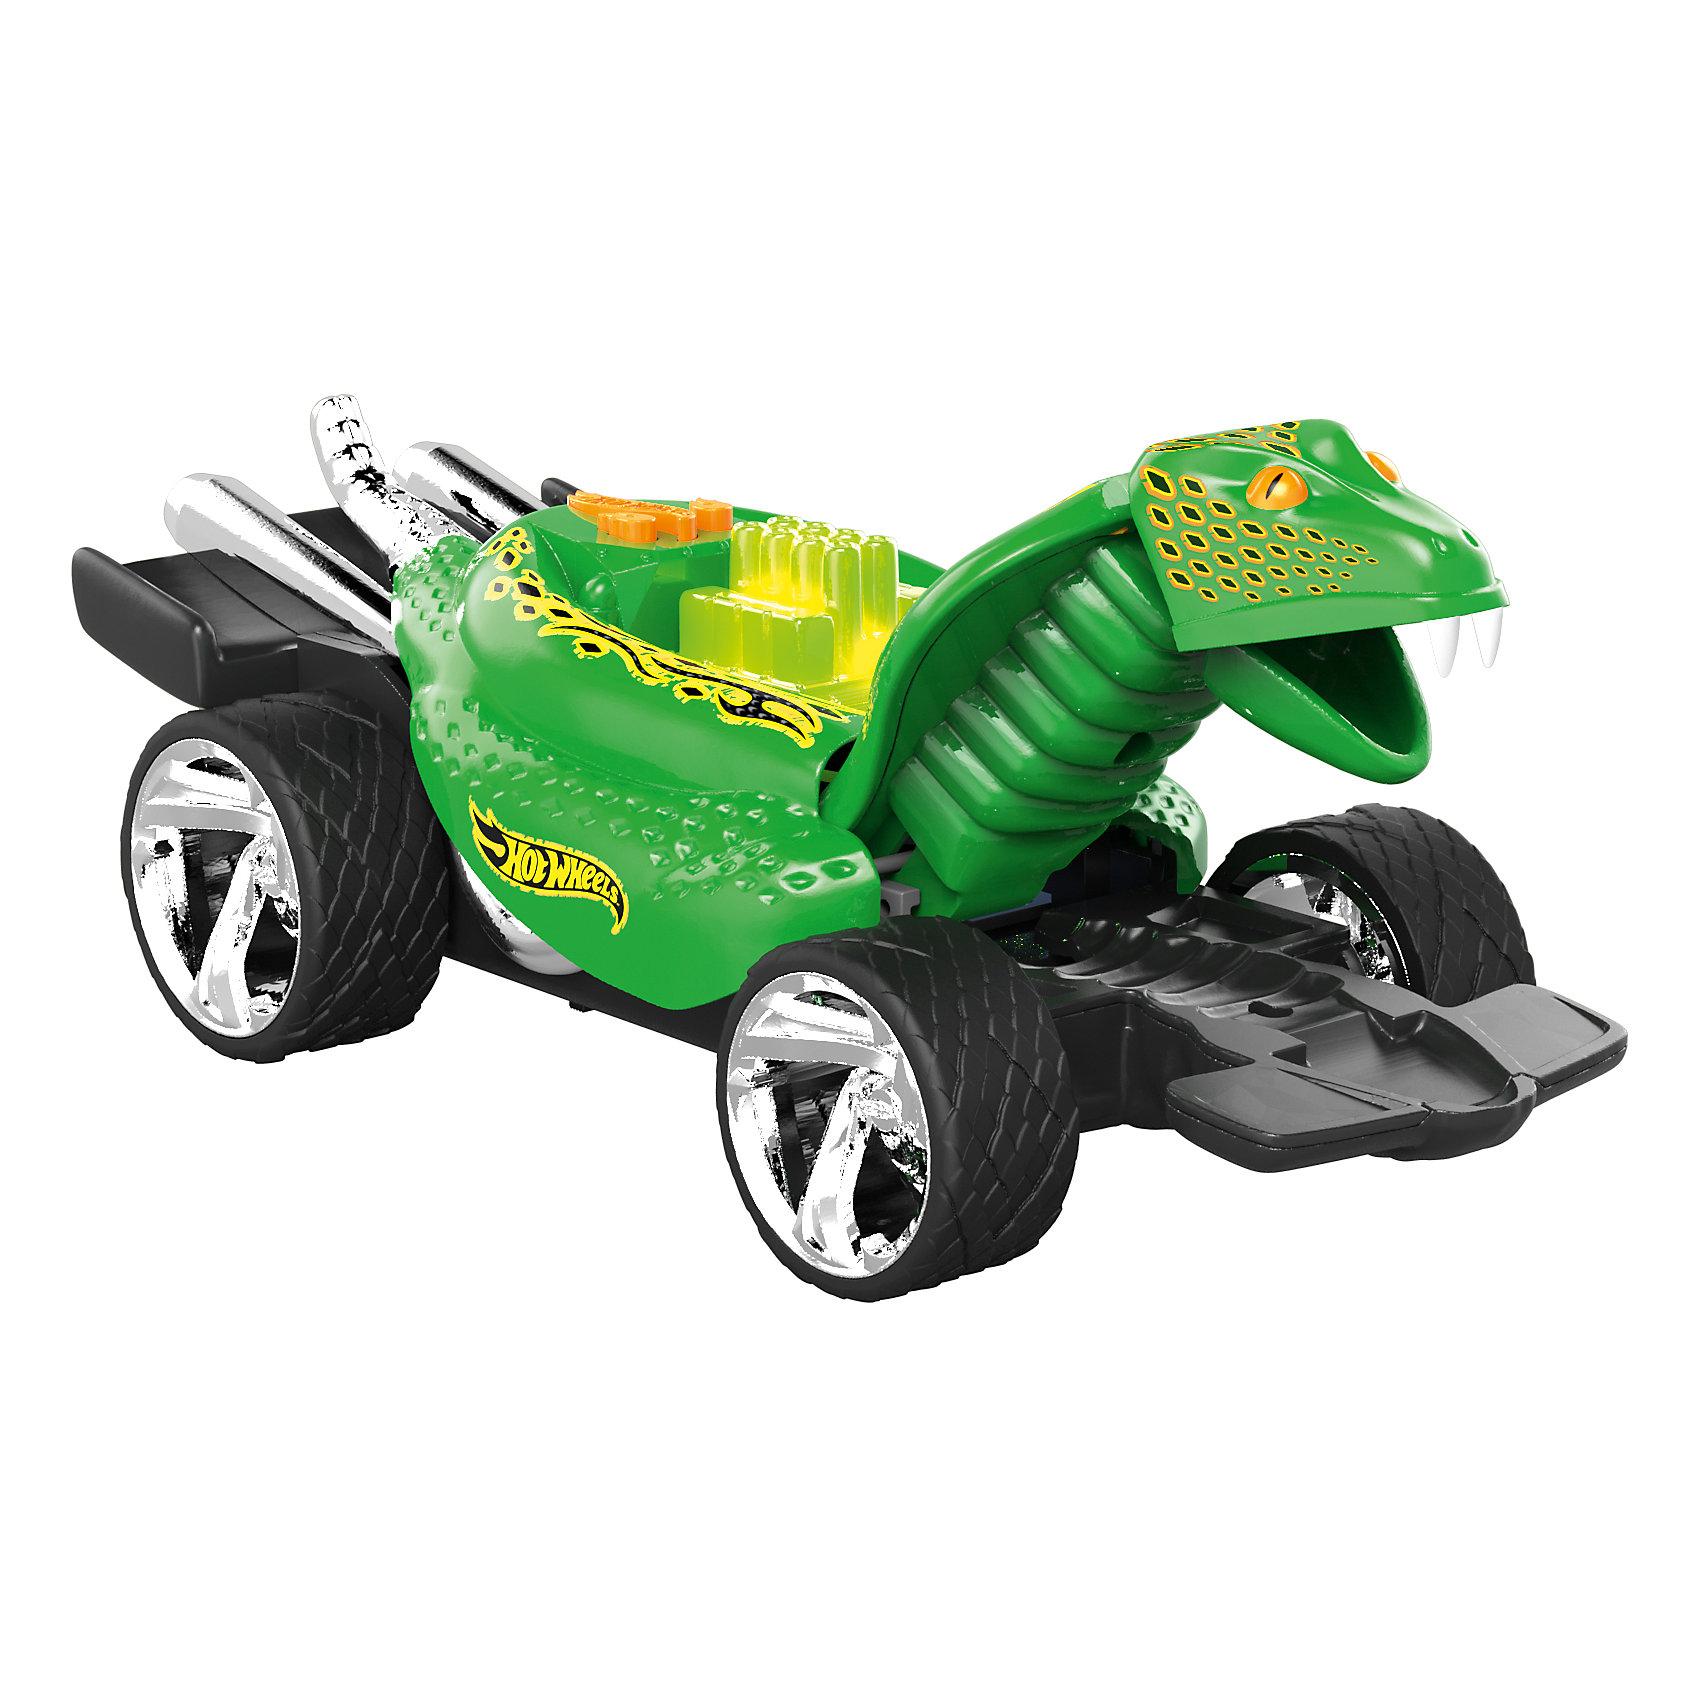 Toystate Электромеханическая машинка Питон зеленый, 23 см, Hot Wheels электромеханическая машинка синяя 33 см hot wheels